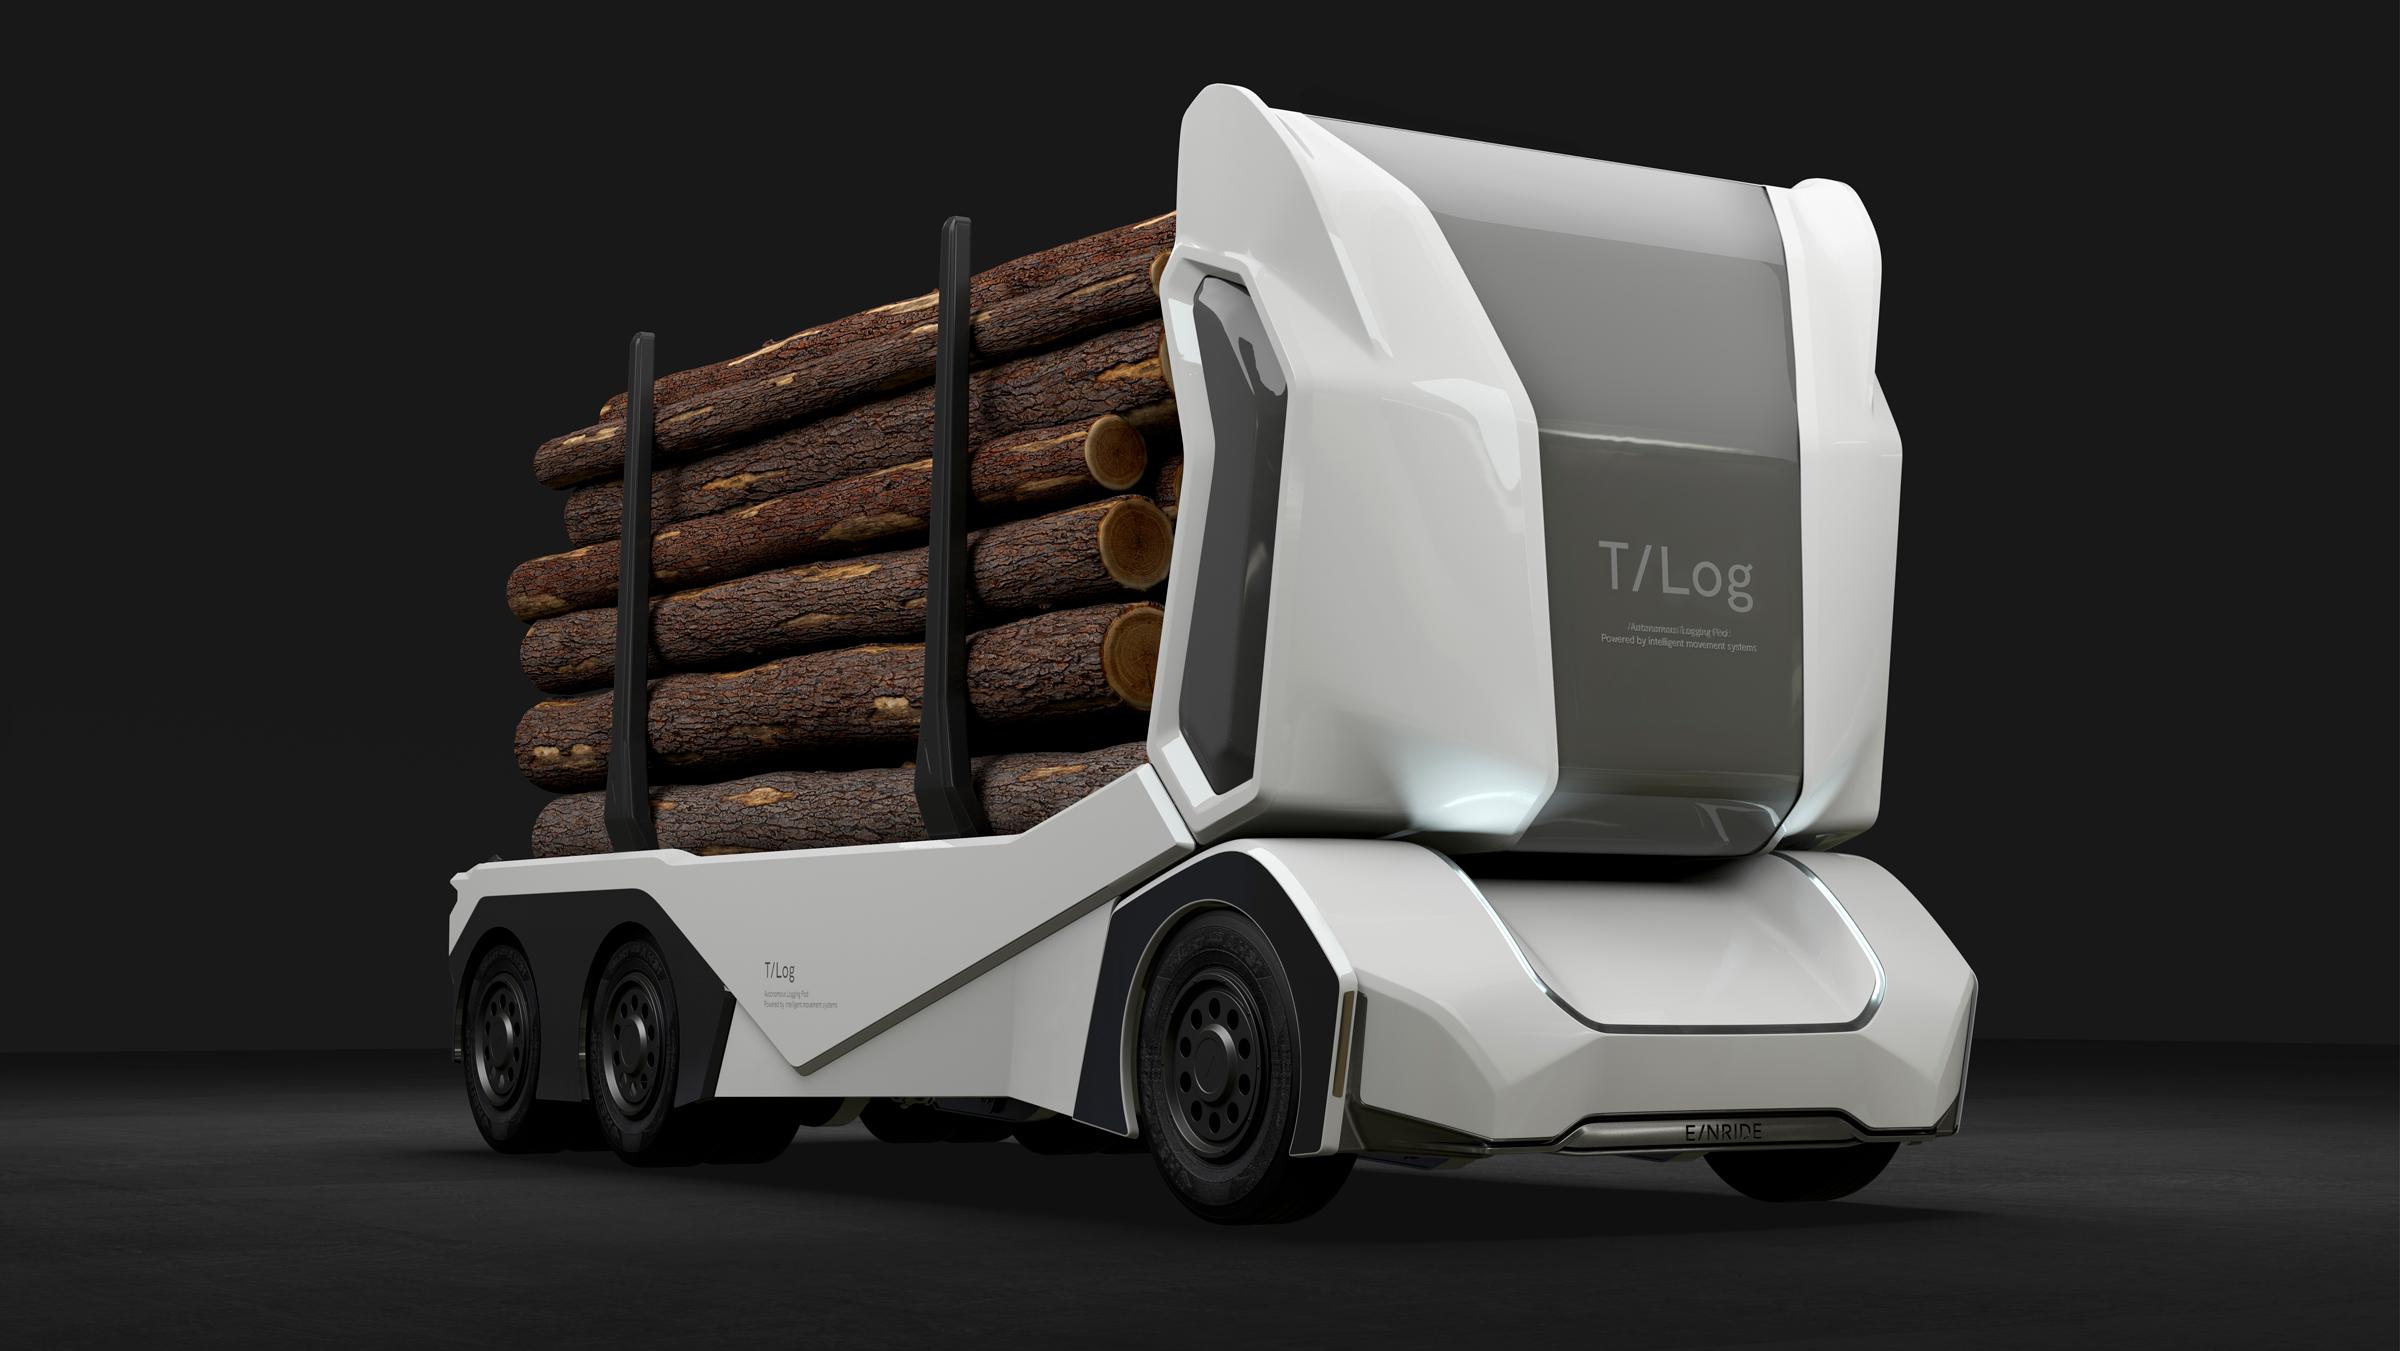 Беспилотный электро-лесовоз способен увезти 16 тонн по бездорожью